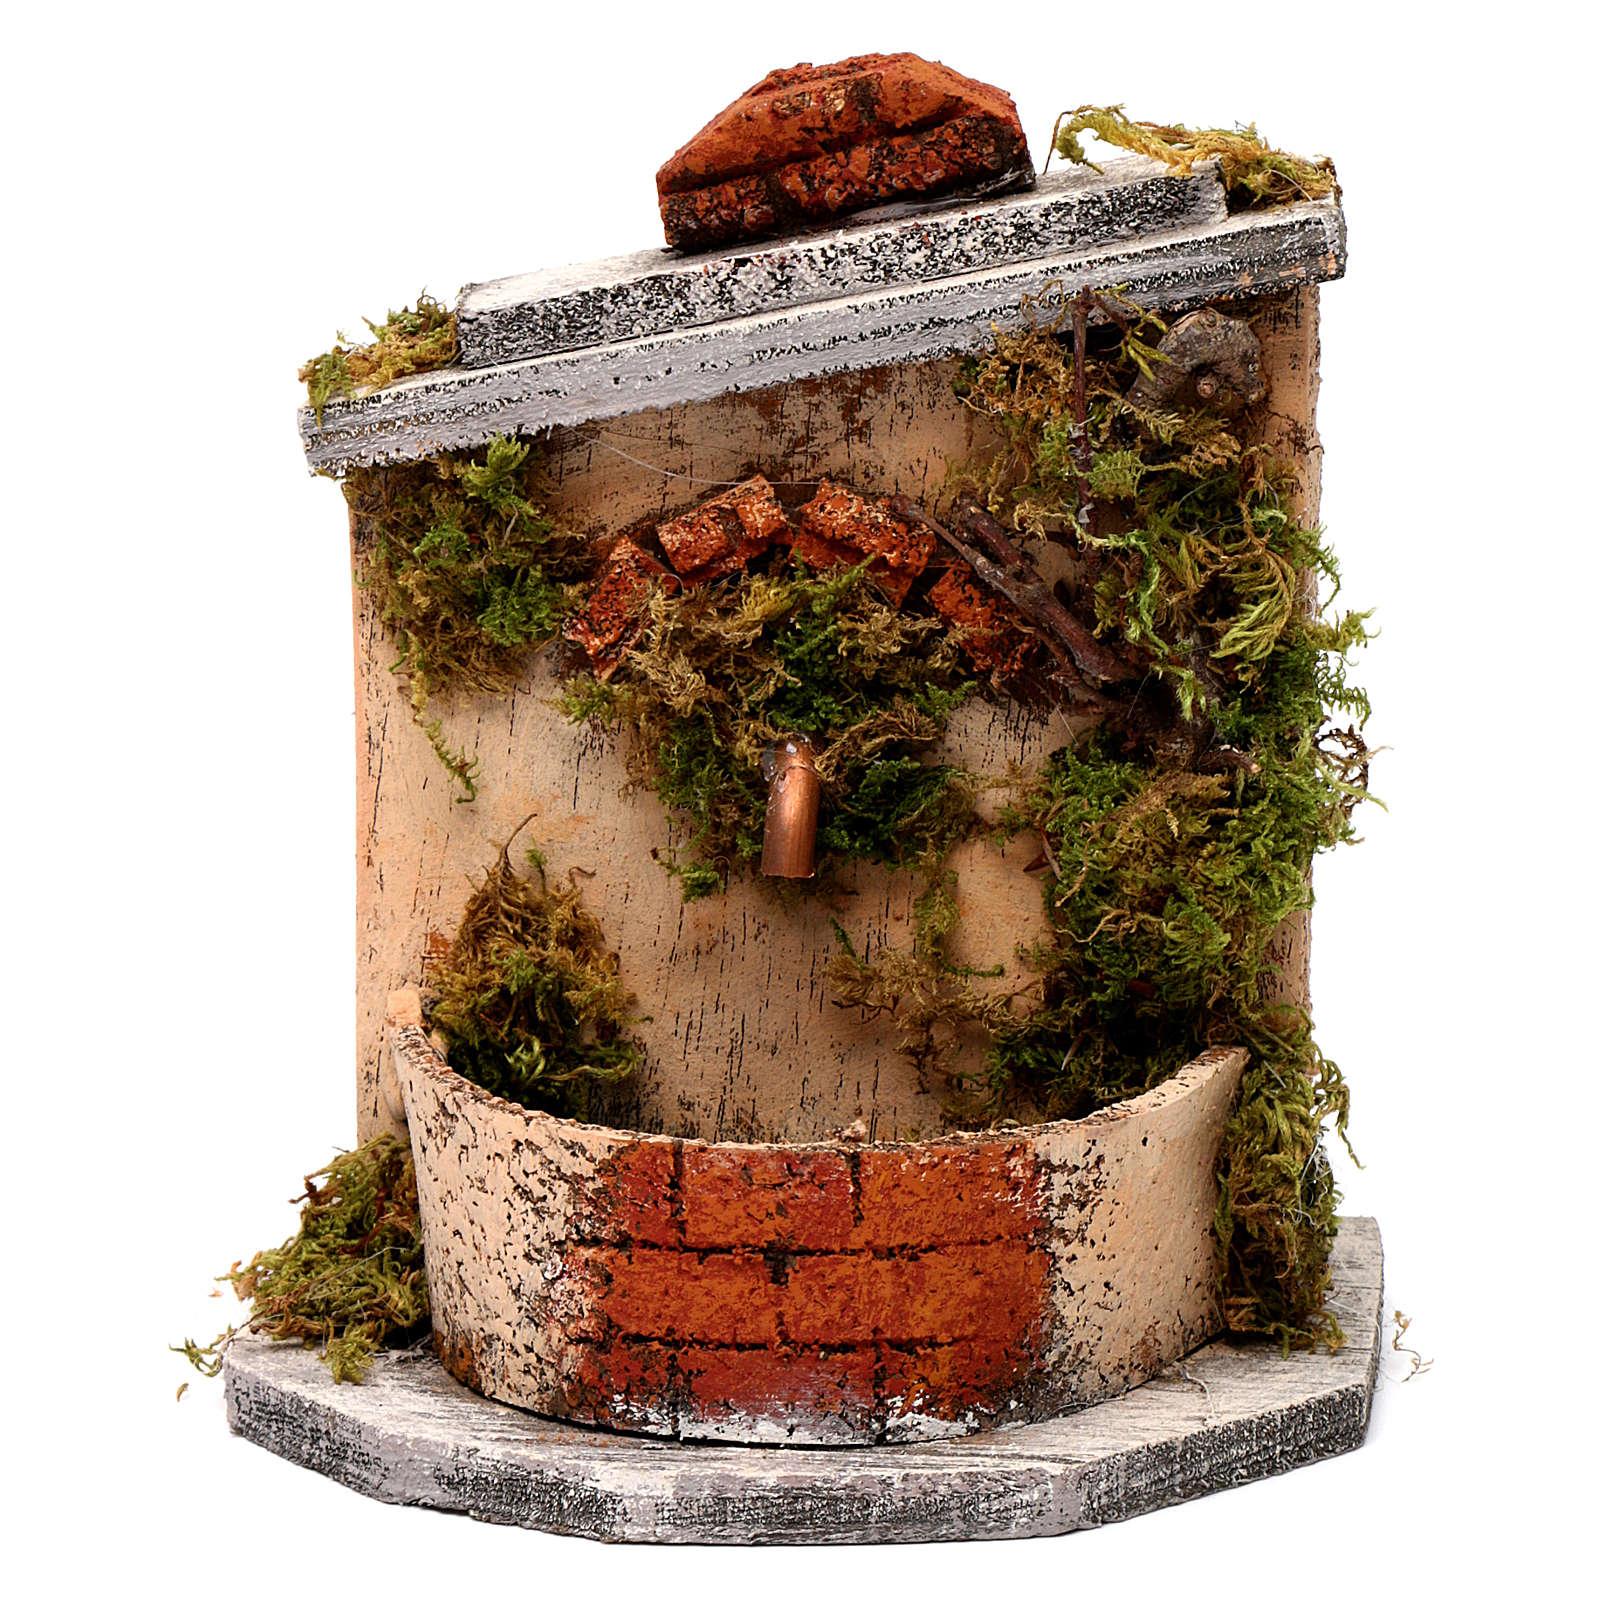 Fontaine bois et liège crèche Naples 16x14,5x14 cm 4